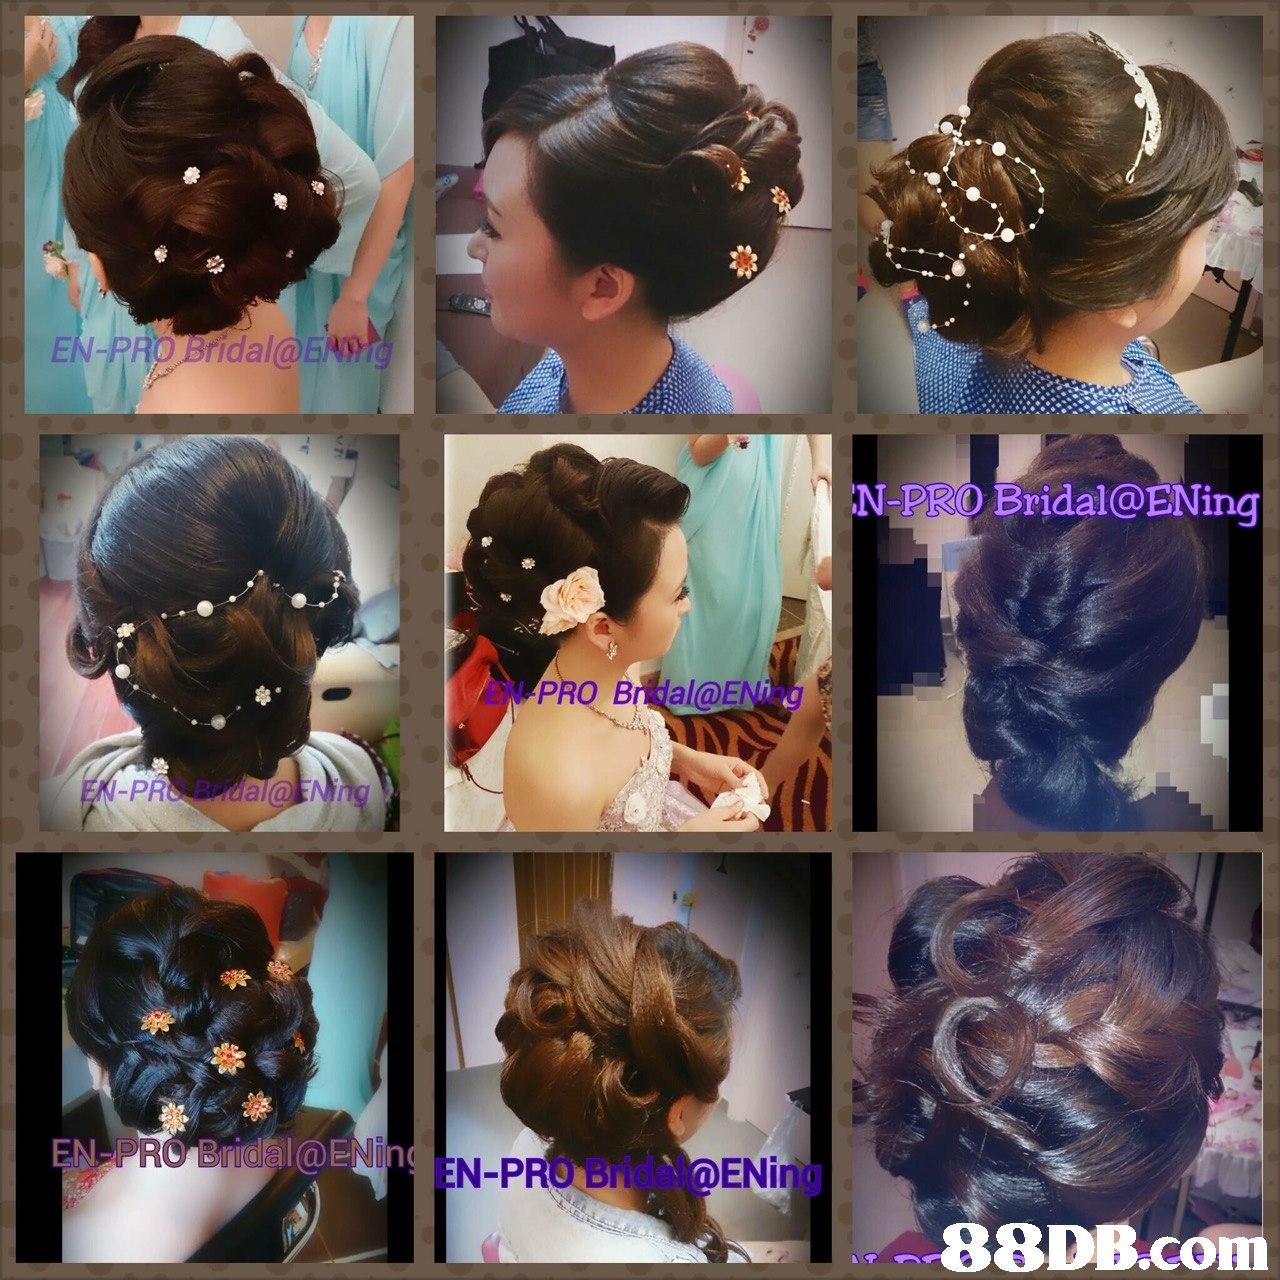 EN-PRO Bridal@EN N-PRO Bridal@ENing RO Bridal@ENing EN- PR al ing EN-PROBridal@ENing   hair,hairstyle,long hair,forehead,chignon